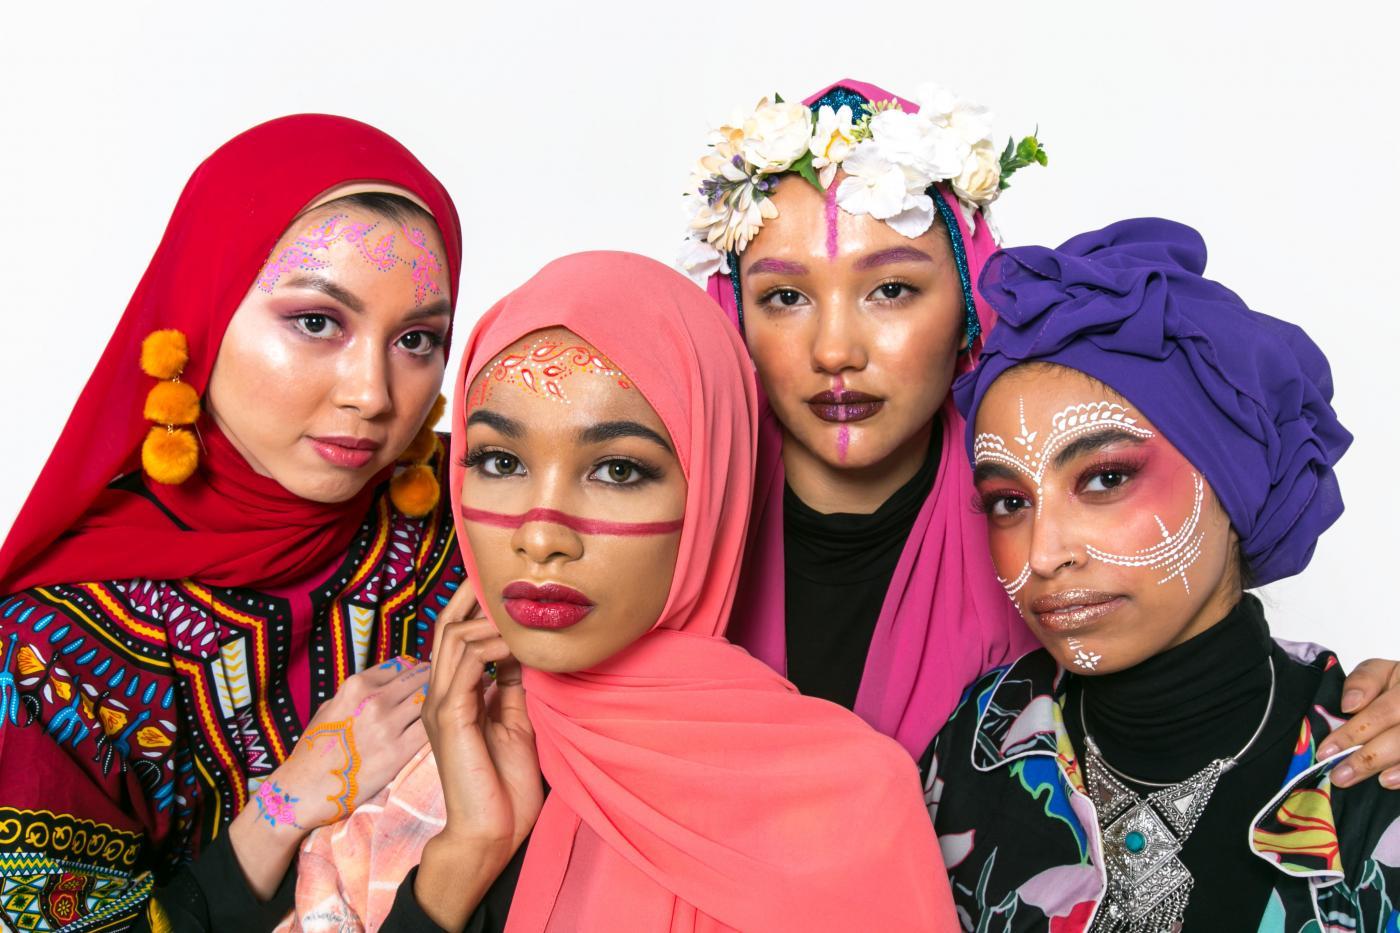 umma_models_group_shot_2019_modest_fashion_shotbyroche